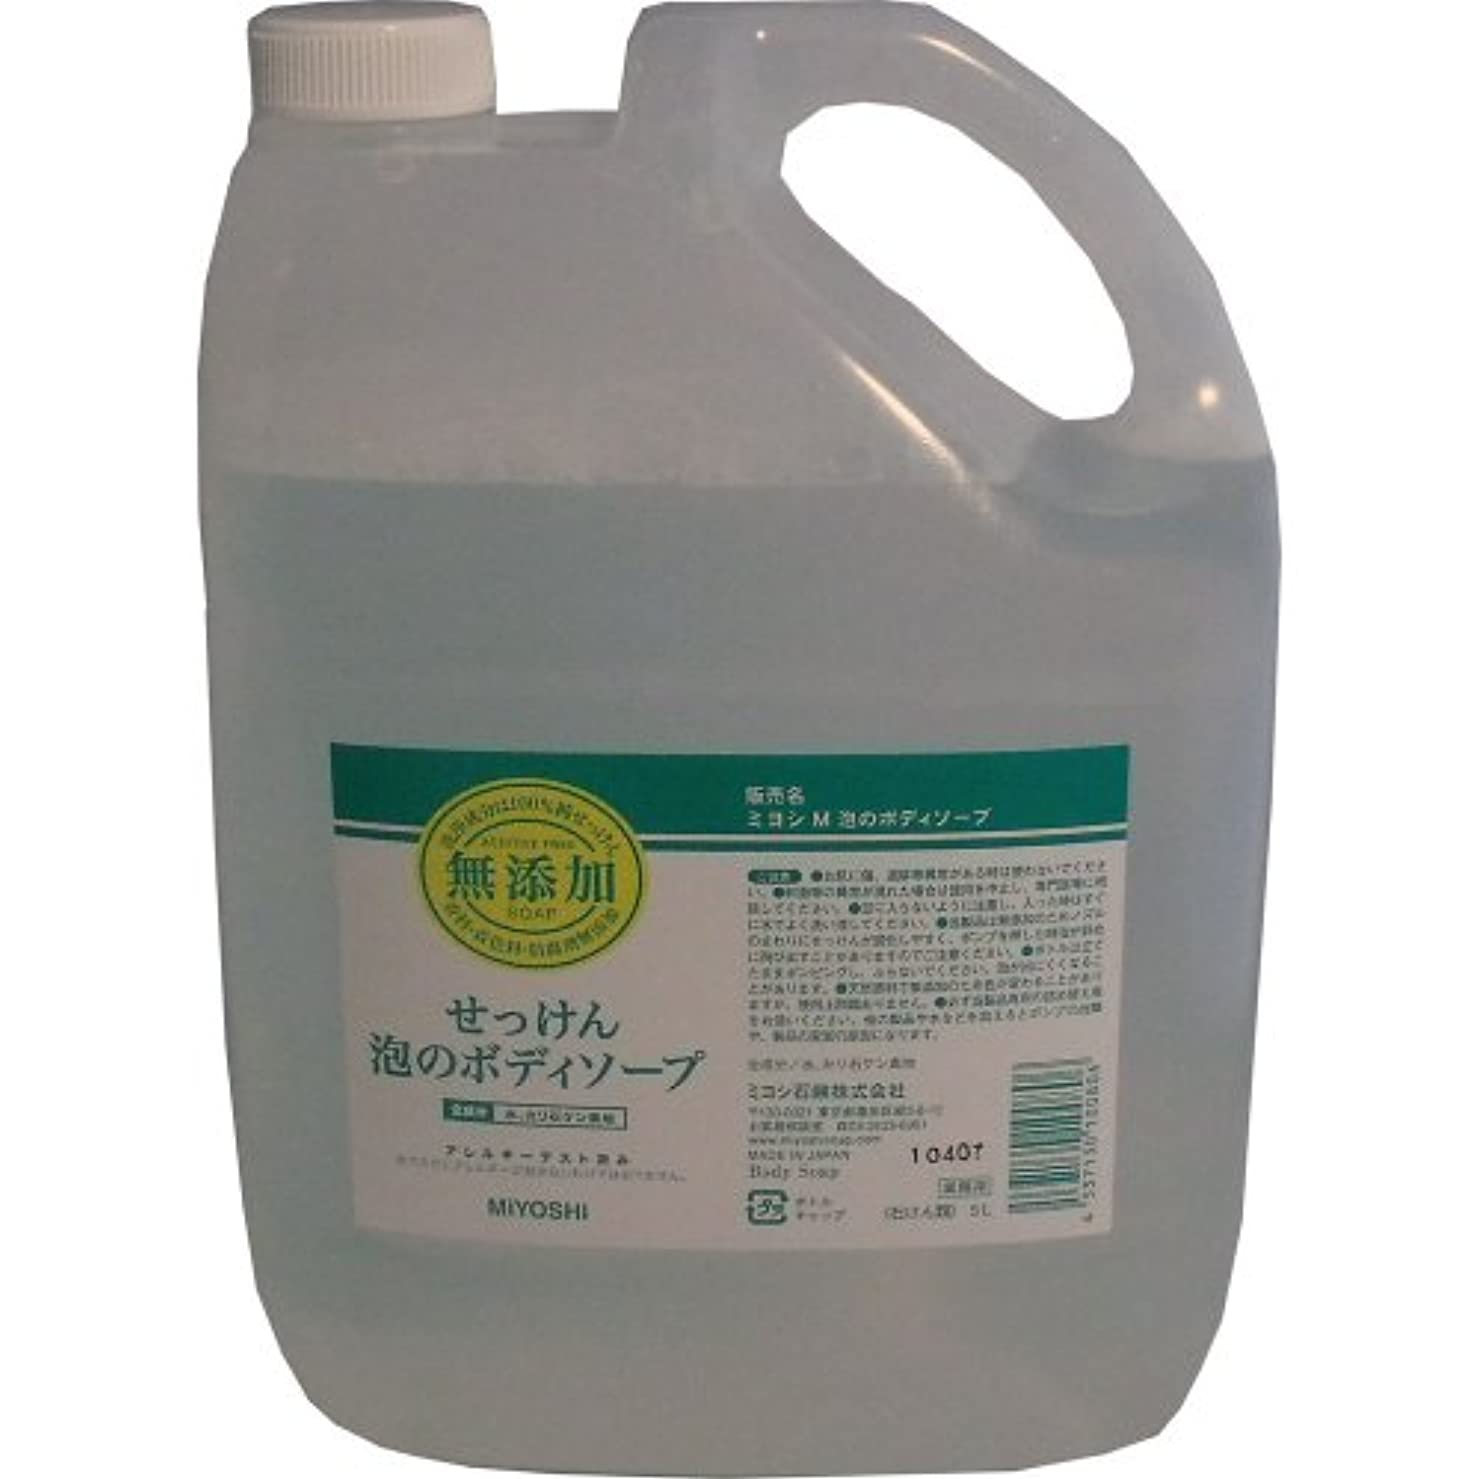 プロットサークル発生ミヨシ石鹸 業務用 無添加せっけん 泡のボディソープ 詰め替え用 5Lサイズ×4点セット